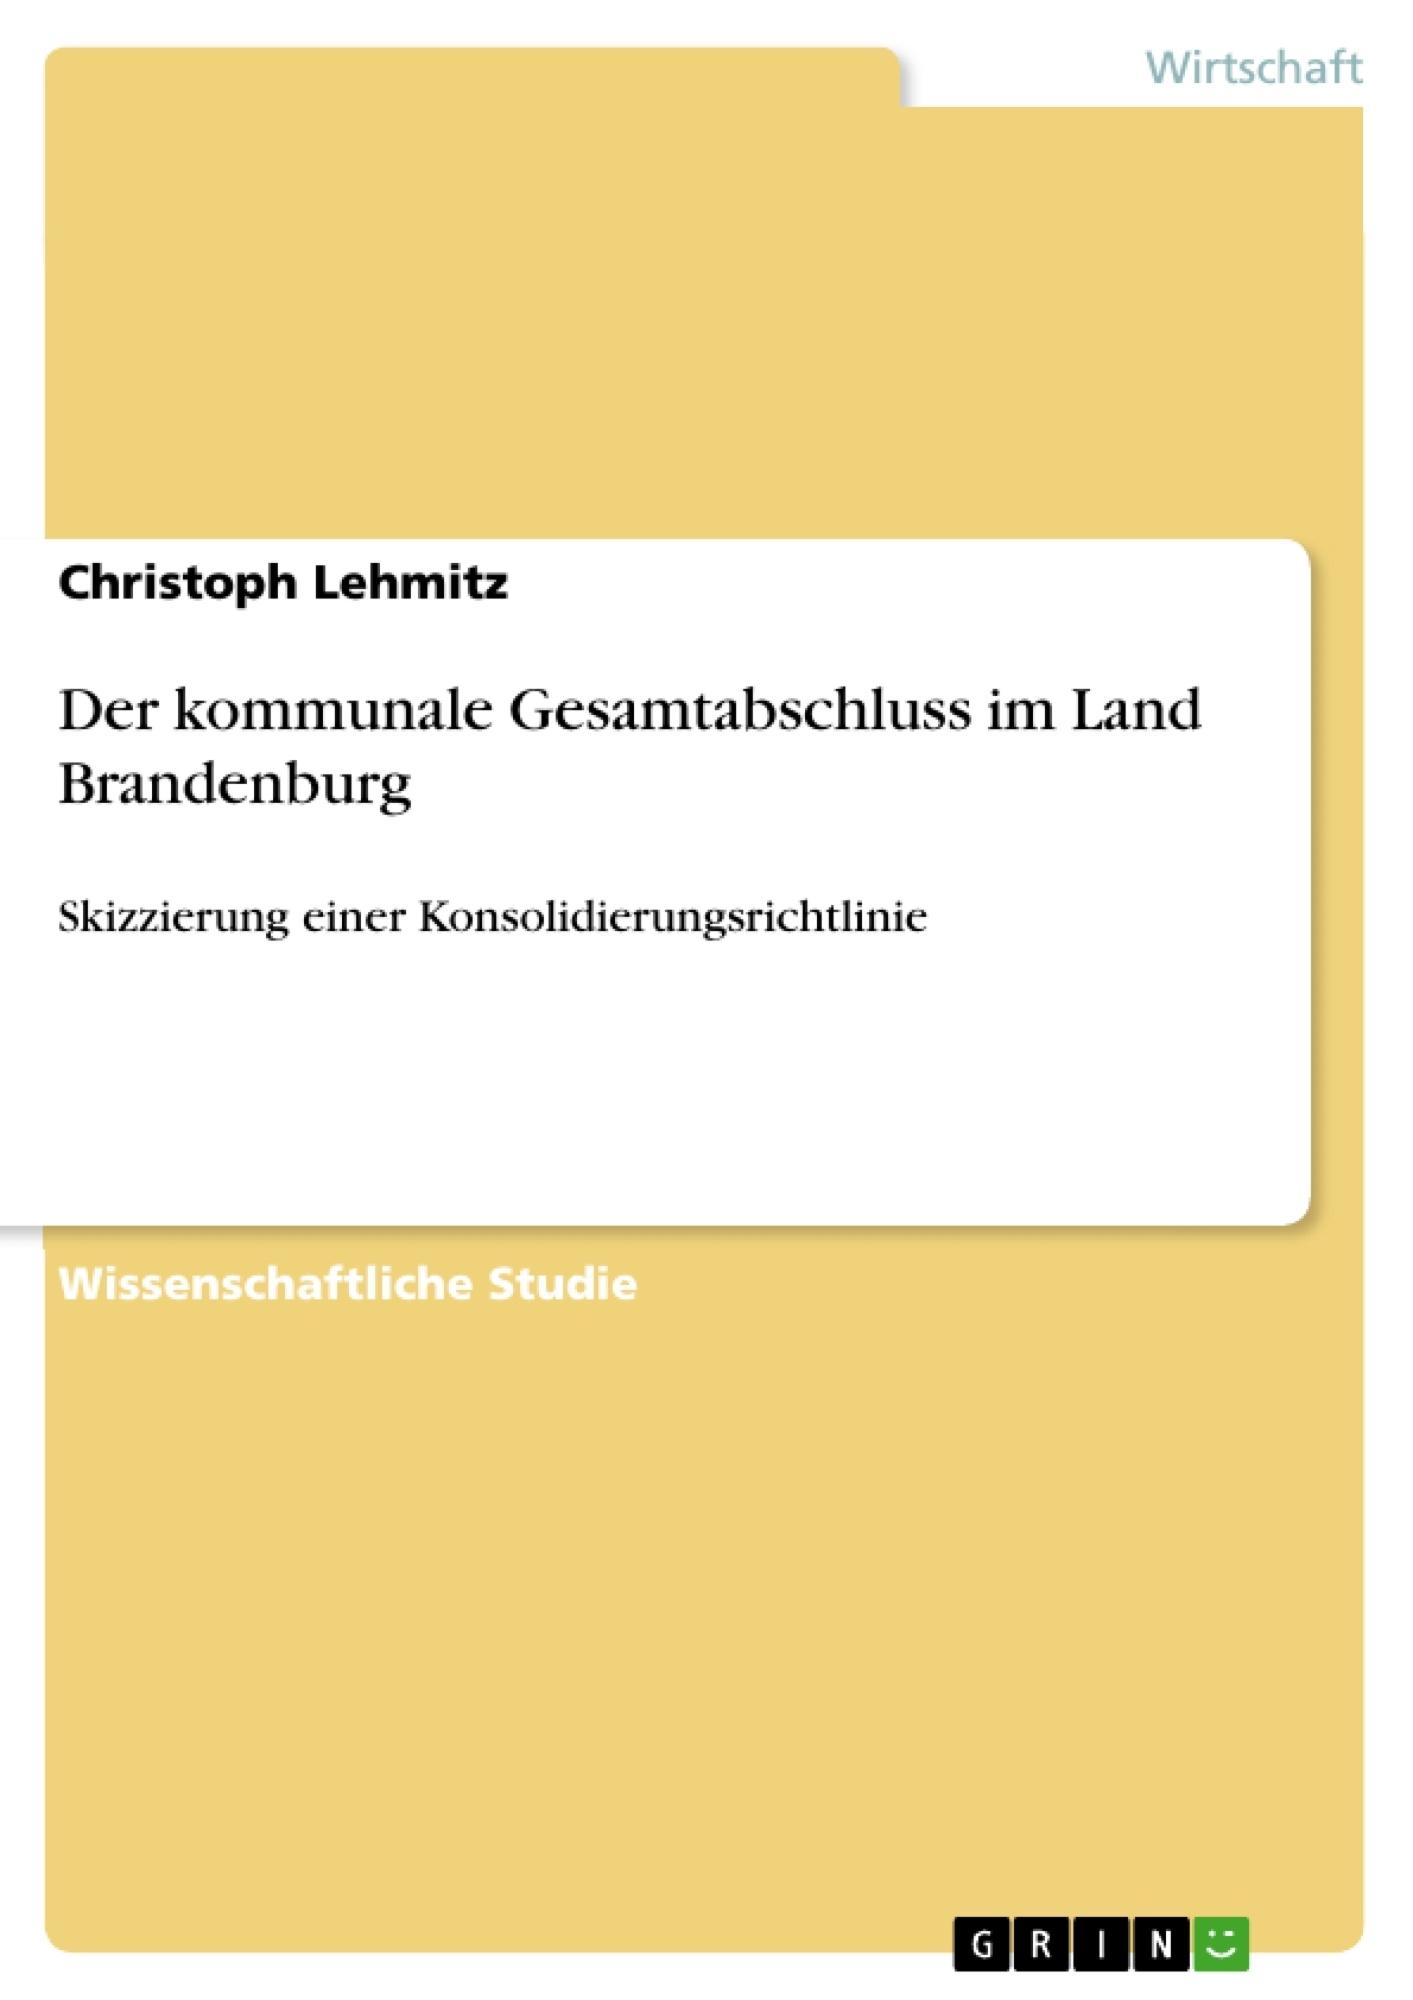 Titel: Der kommunale Gesamtabschluss im Land Brandenburg